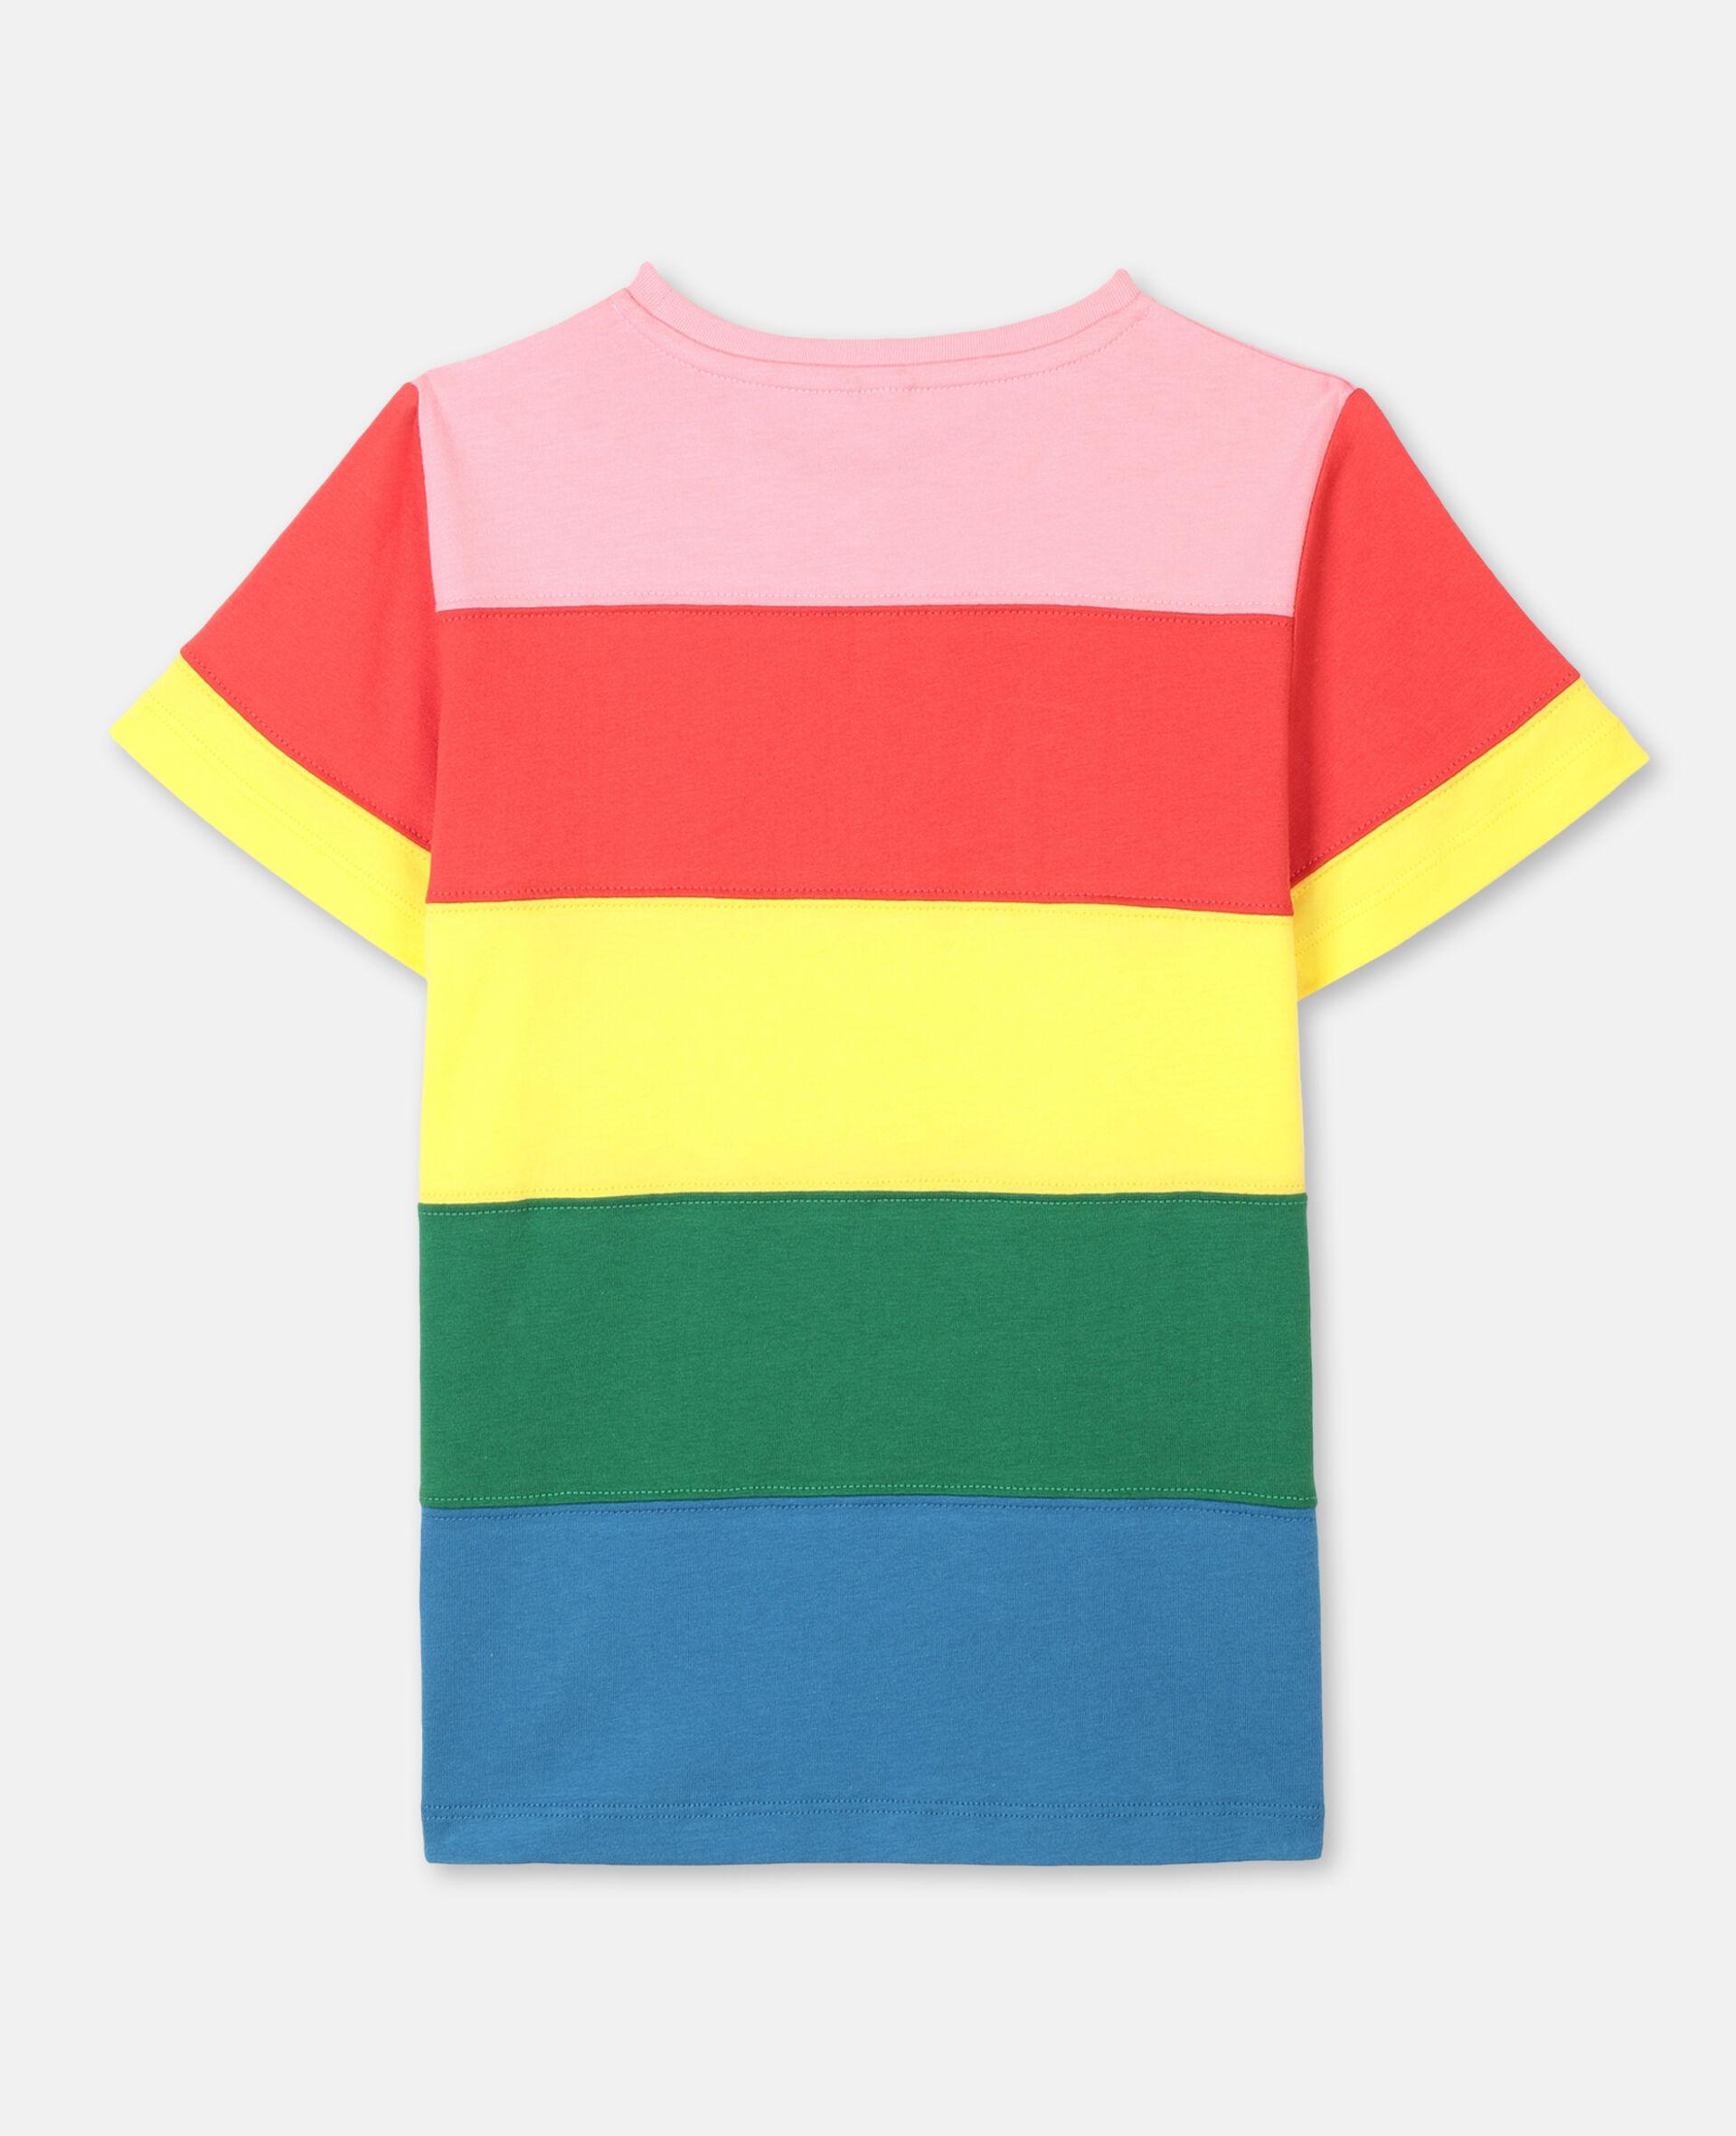 T-shirt en coton rayé-Fantaisie-large image number 3